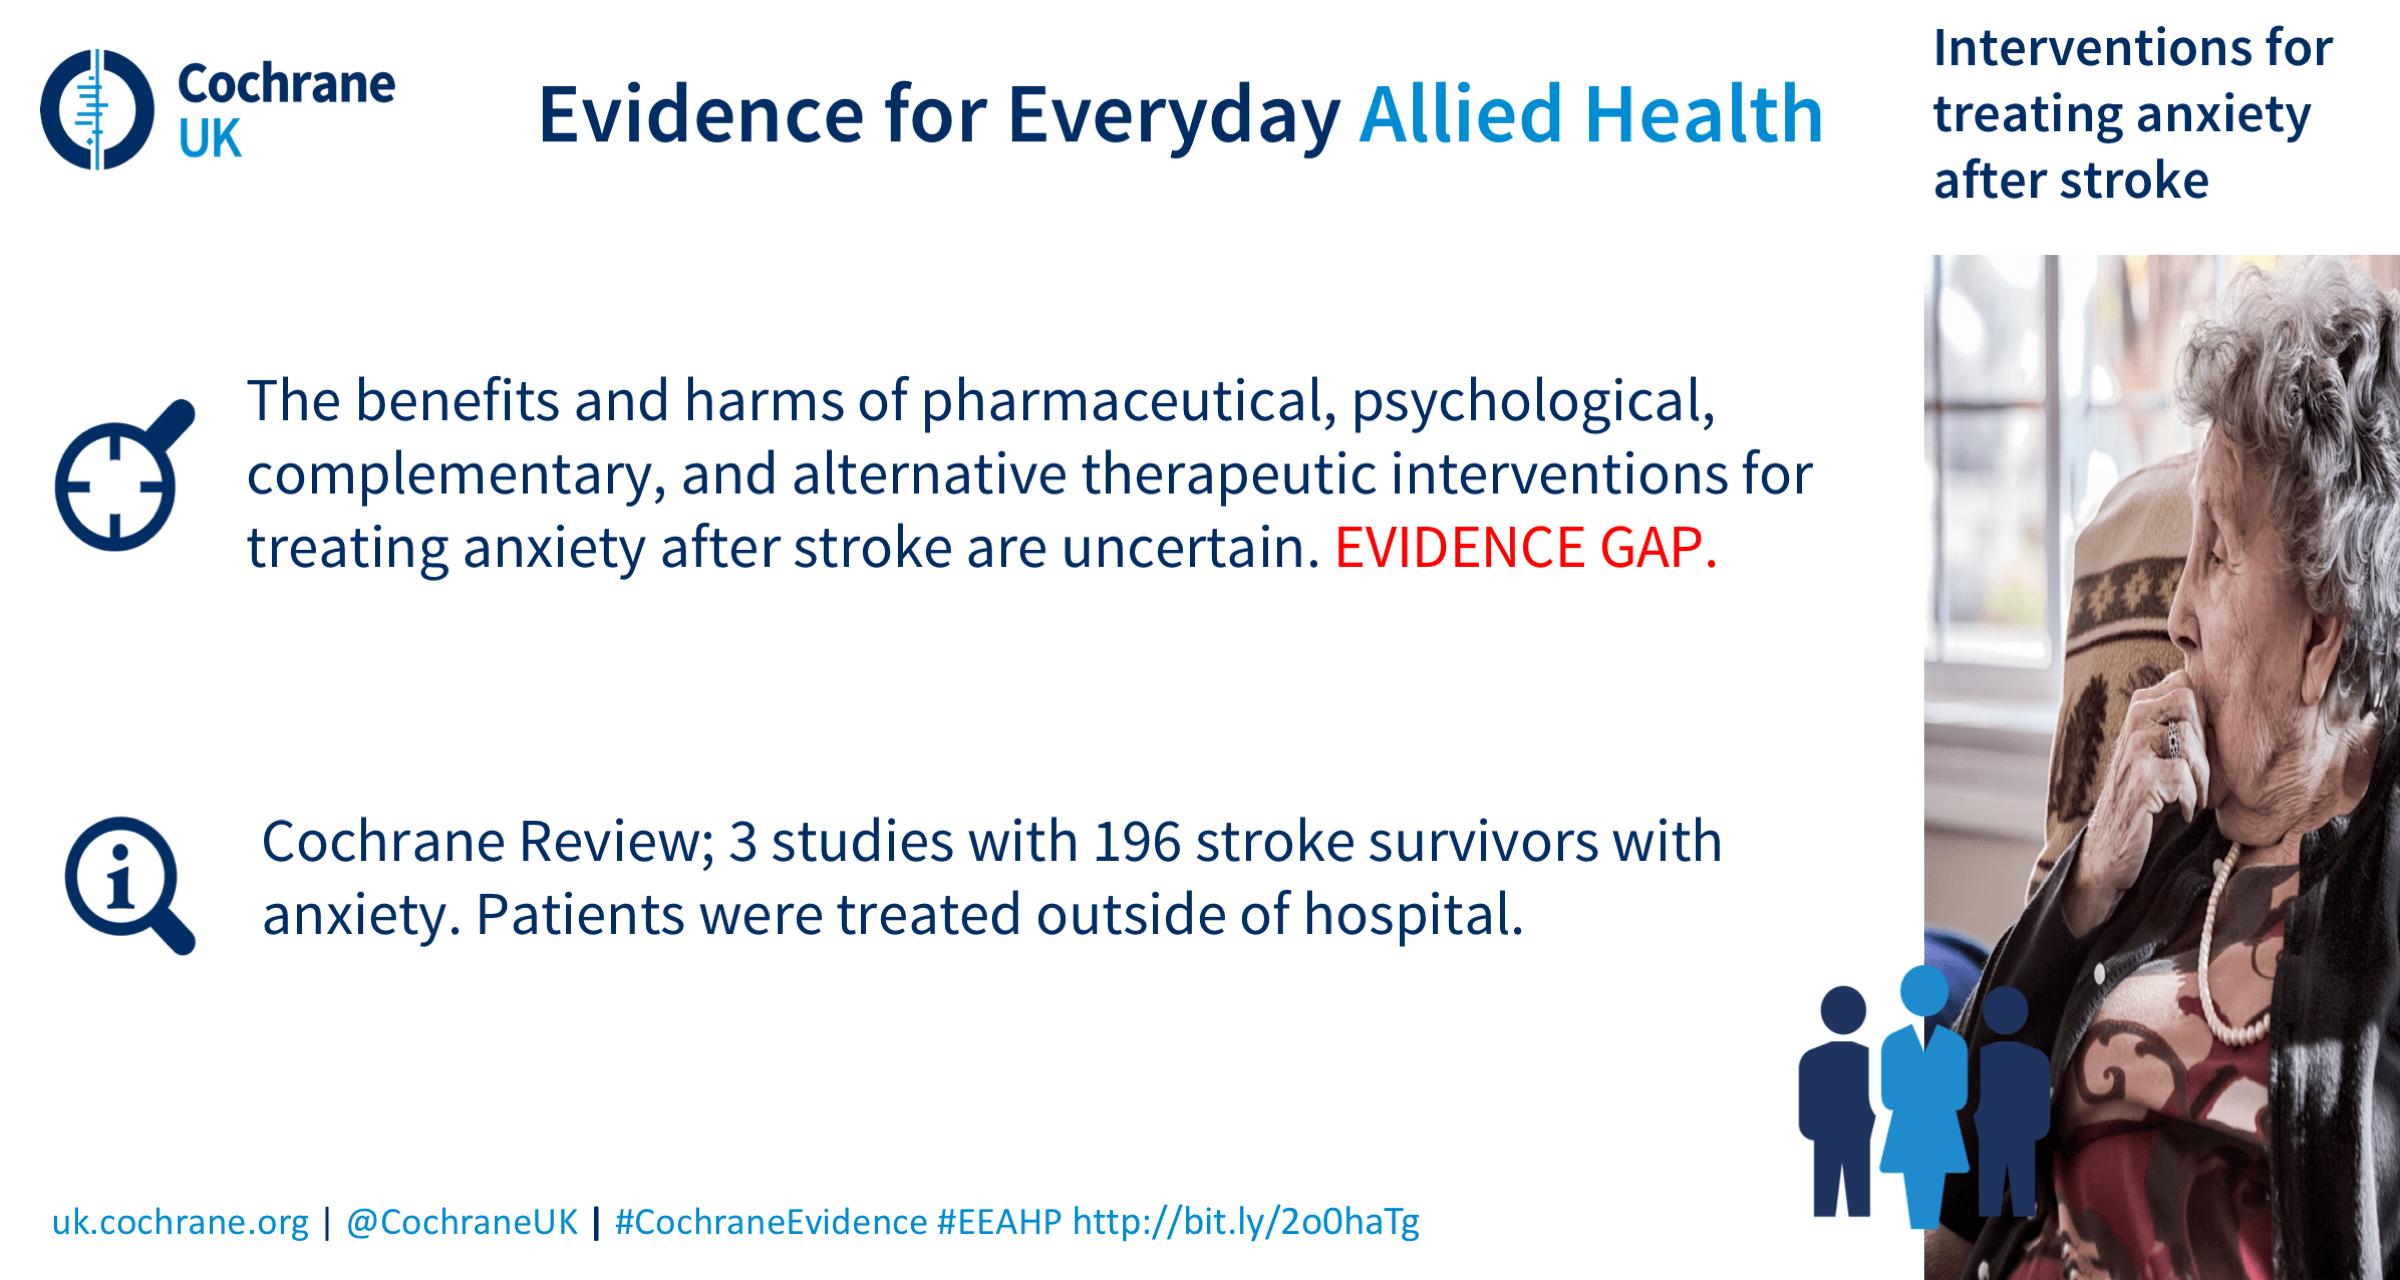 Life After Stroke: a round up of Cochrane evidence - Evidently Cochrane